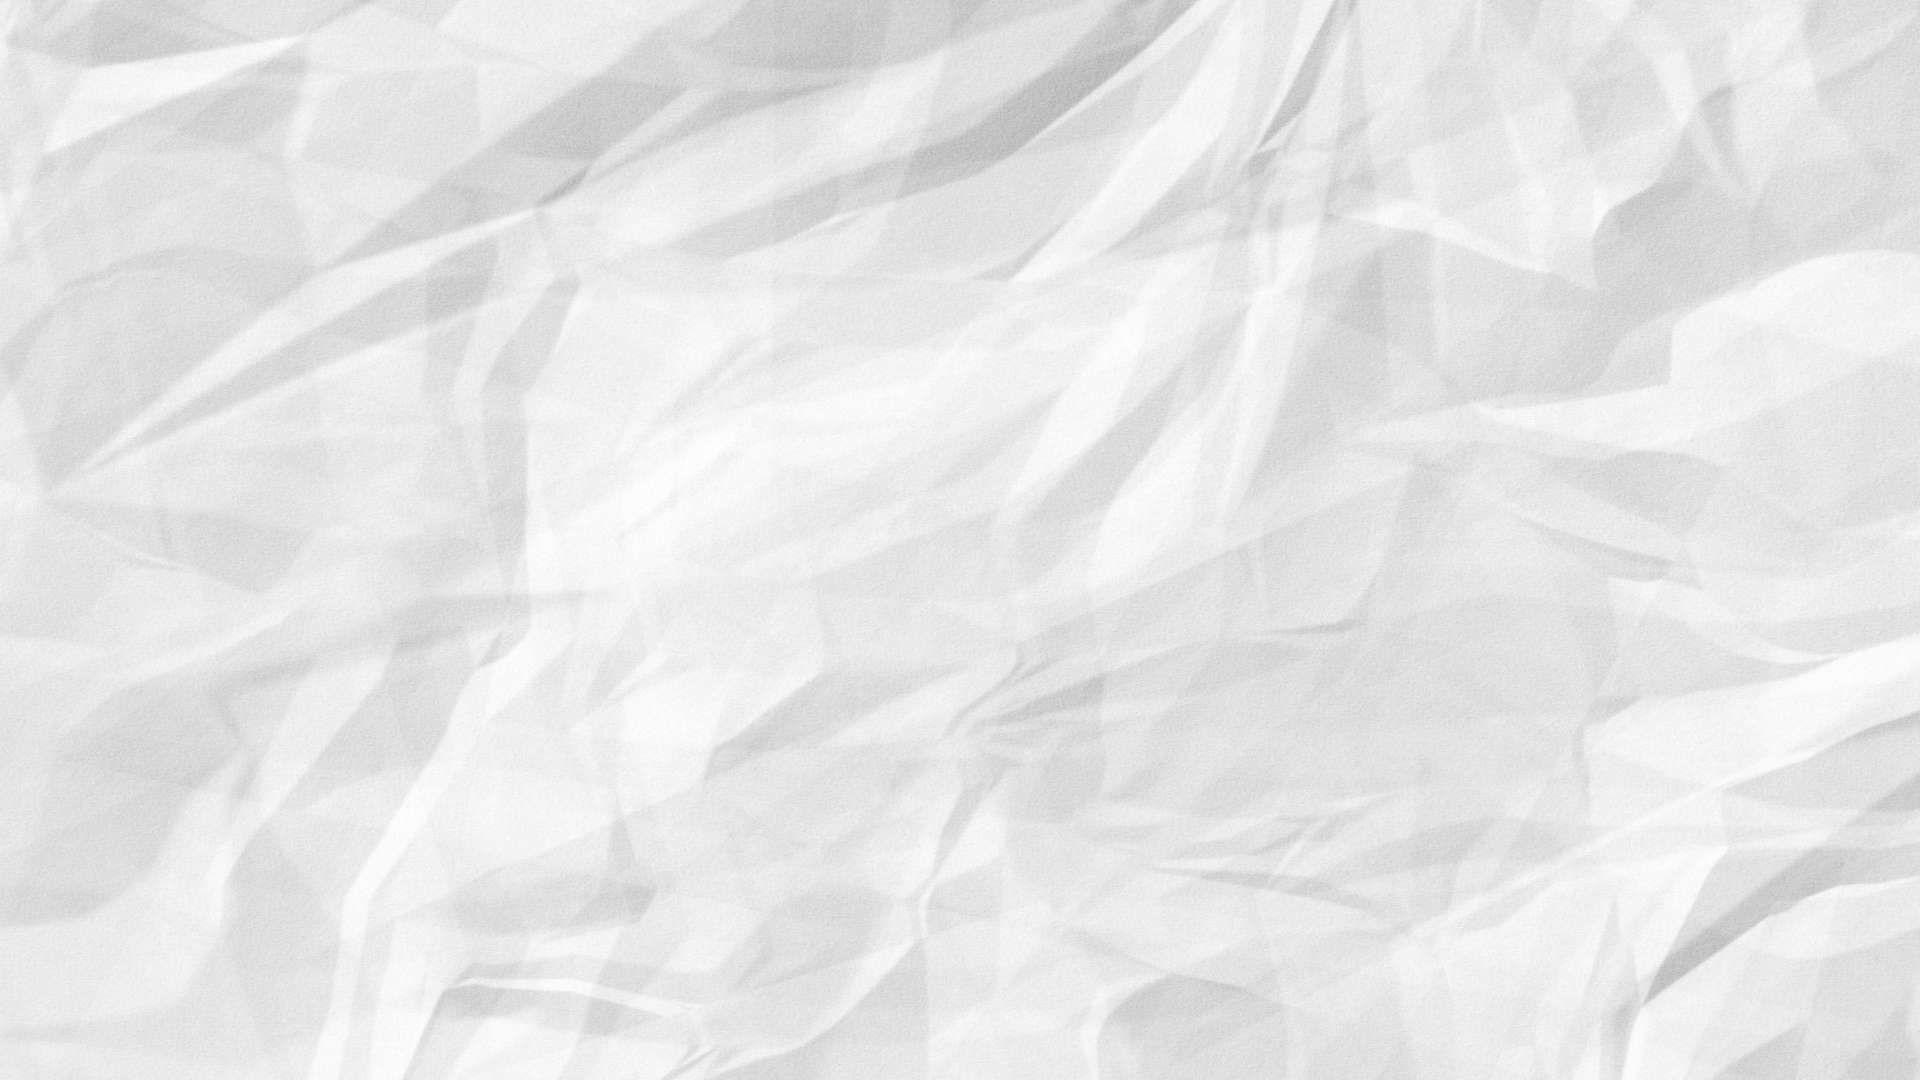 Paper Hd Wallpaper 1920x1080 Crumpled Paper Textures Paper Texture White Paper Texture